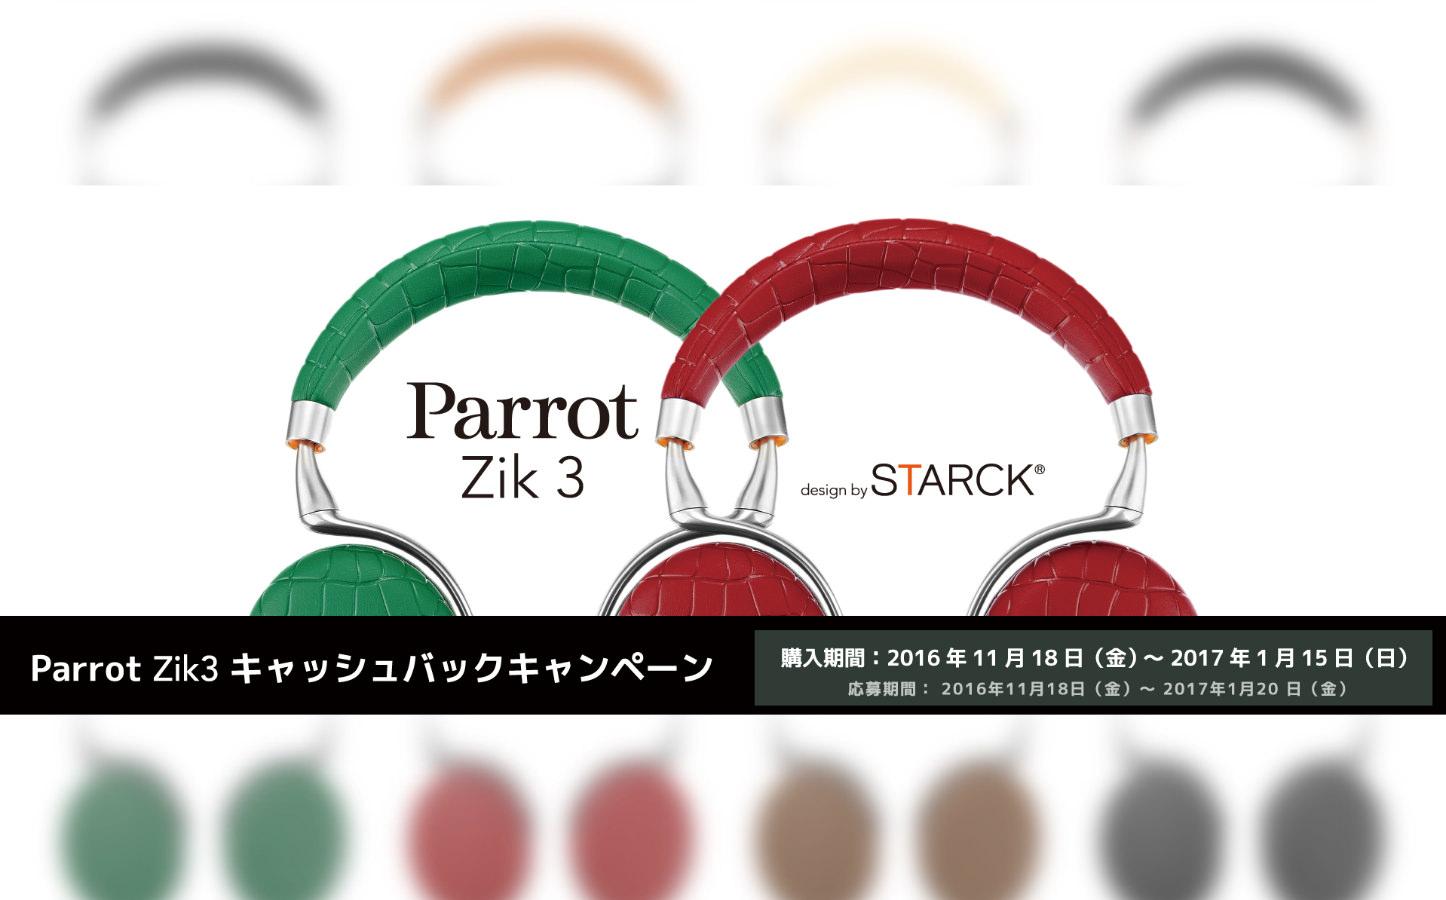 Parrot Zik3 Campaign